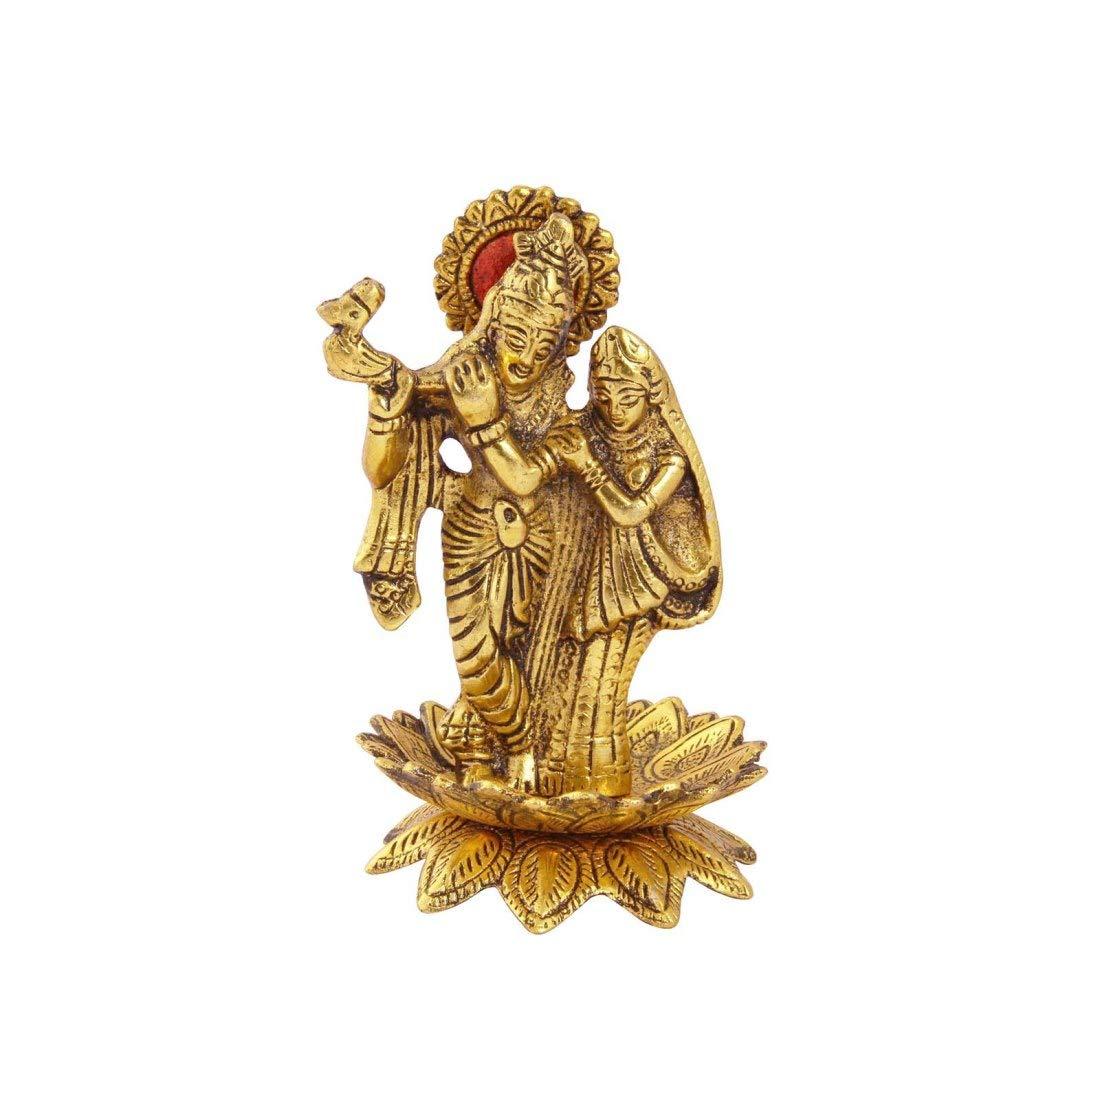 Metal Radha Krishna Statue Playing Flute On Lotus